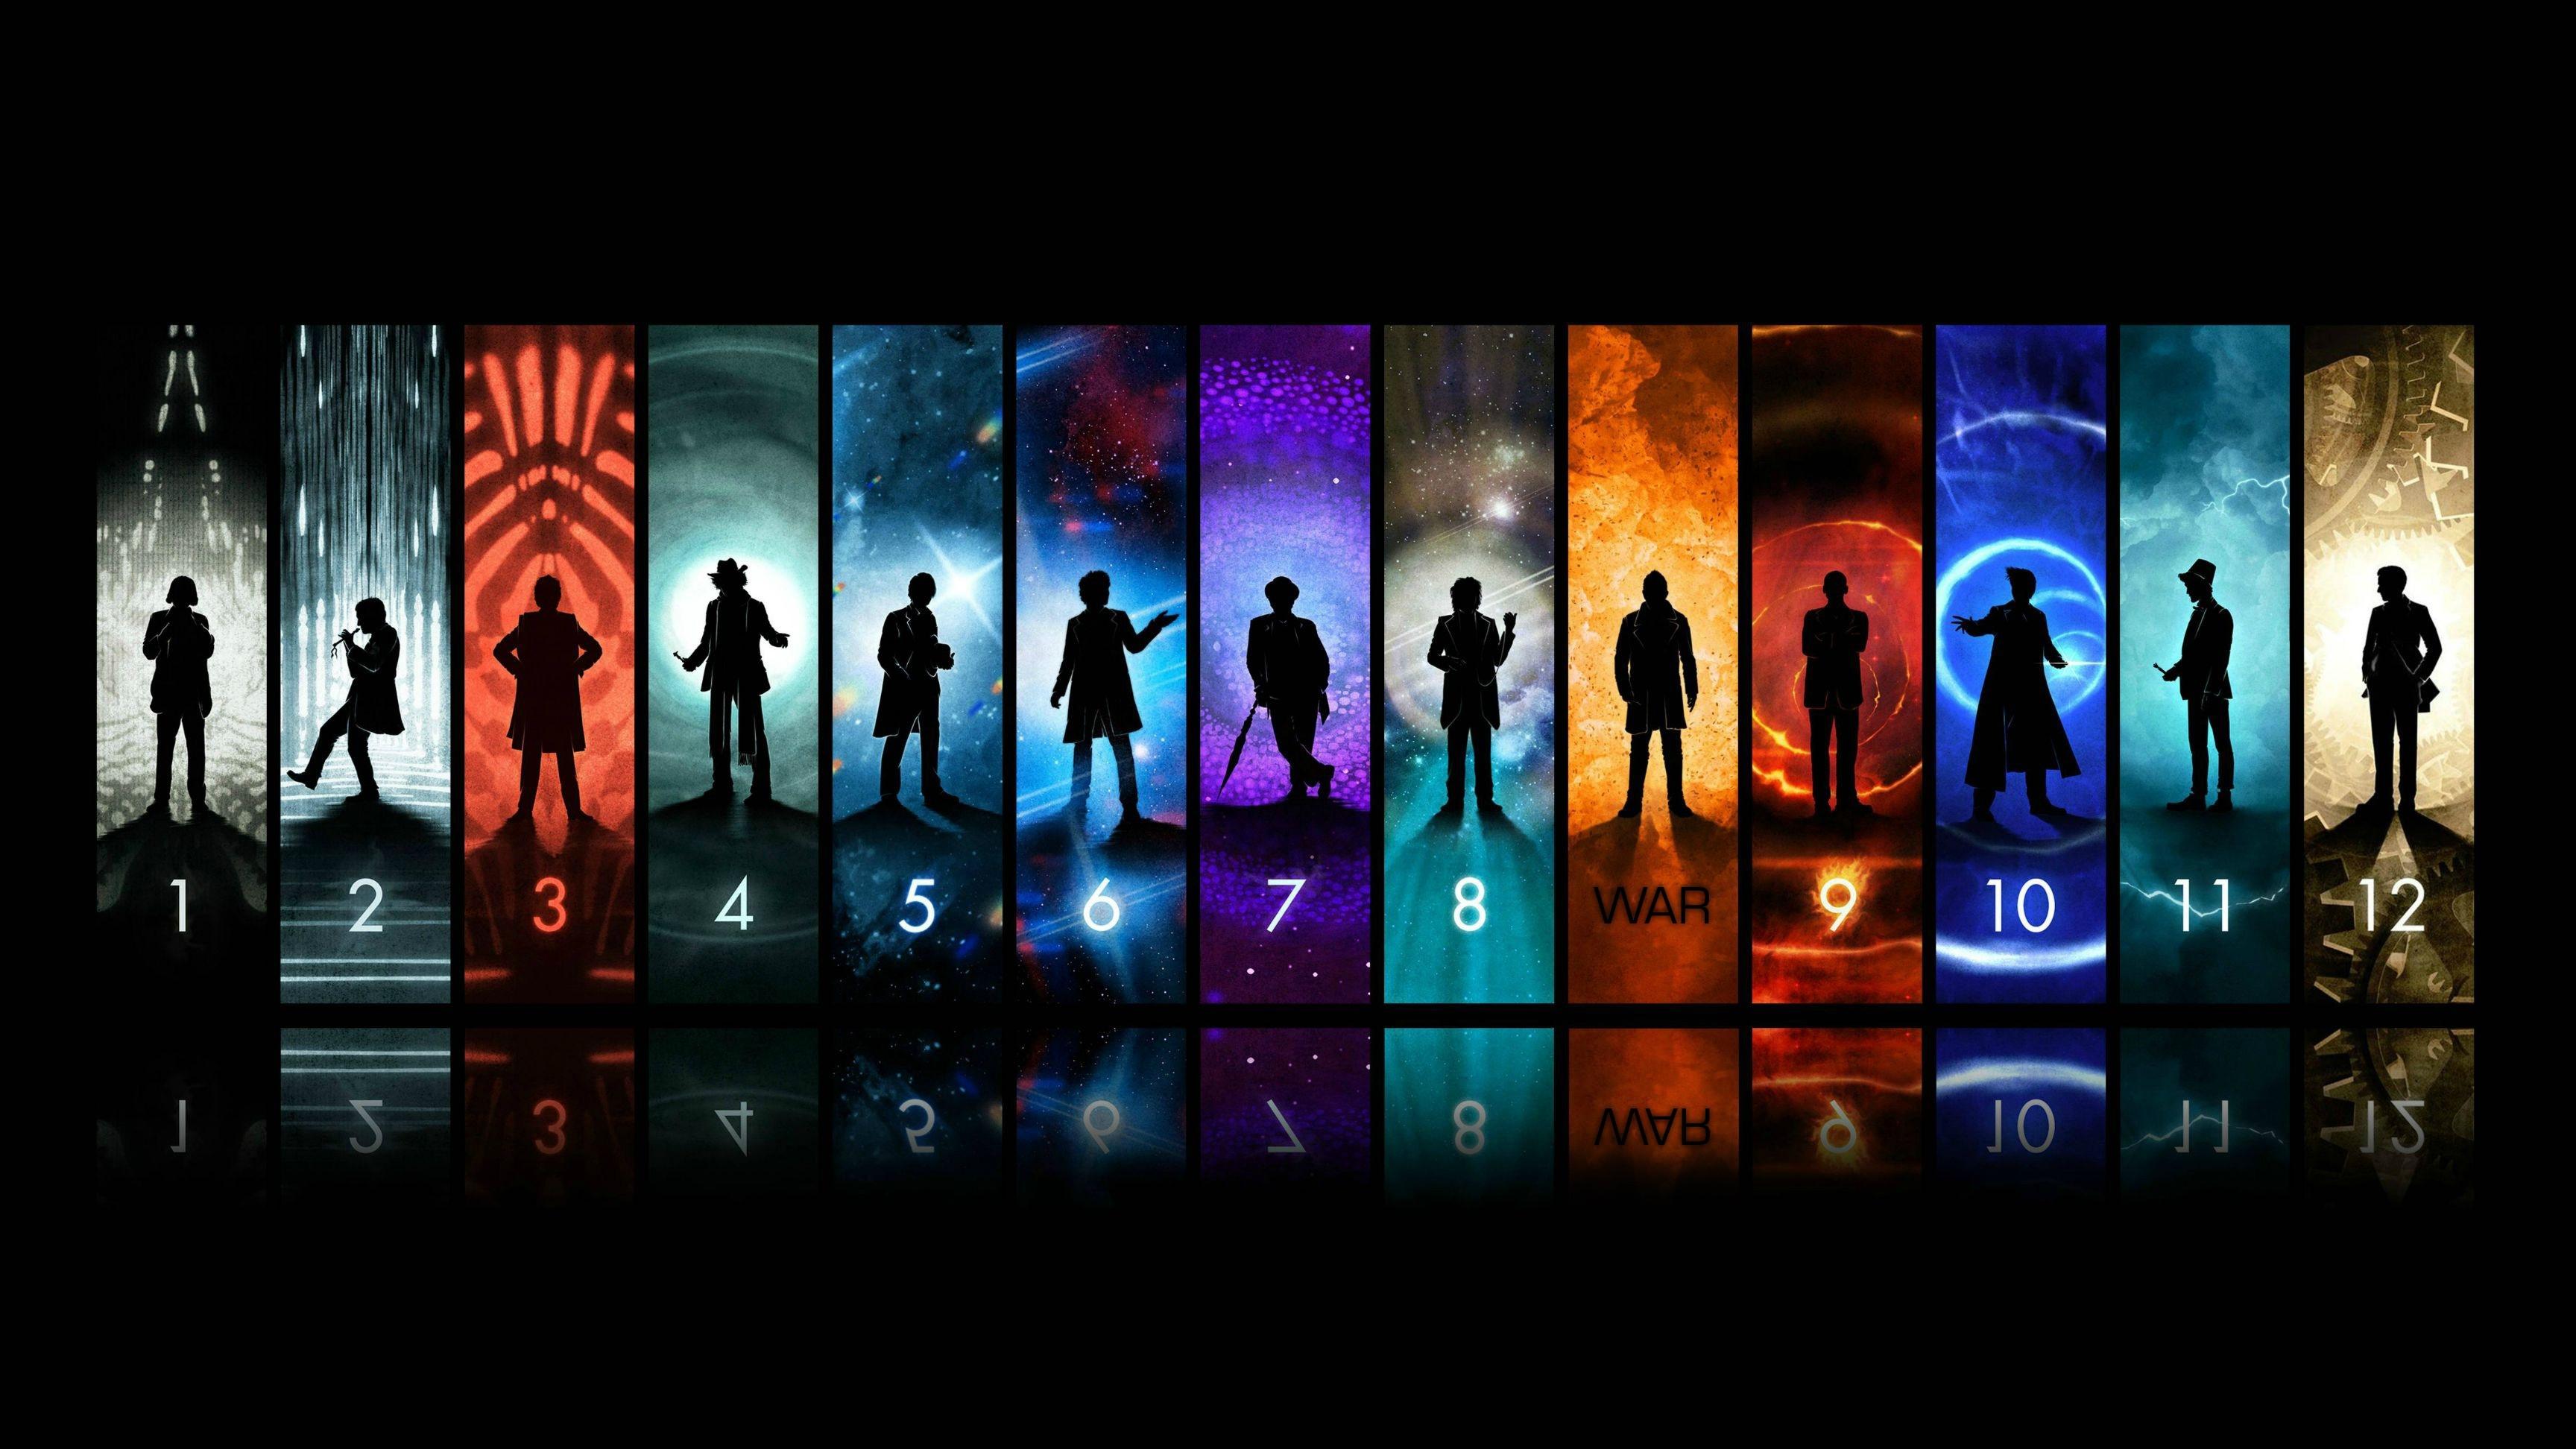 12 doctors - doctor who wallpaper